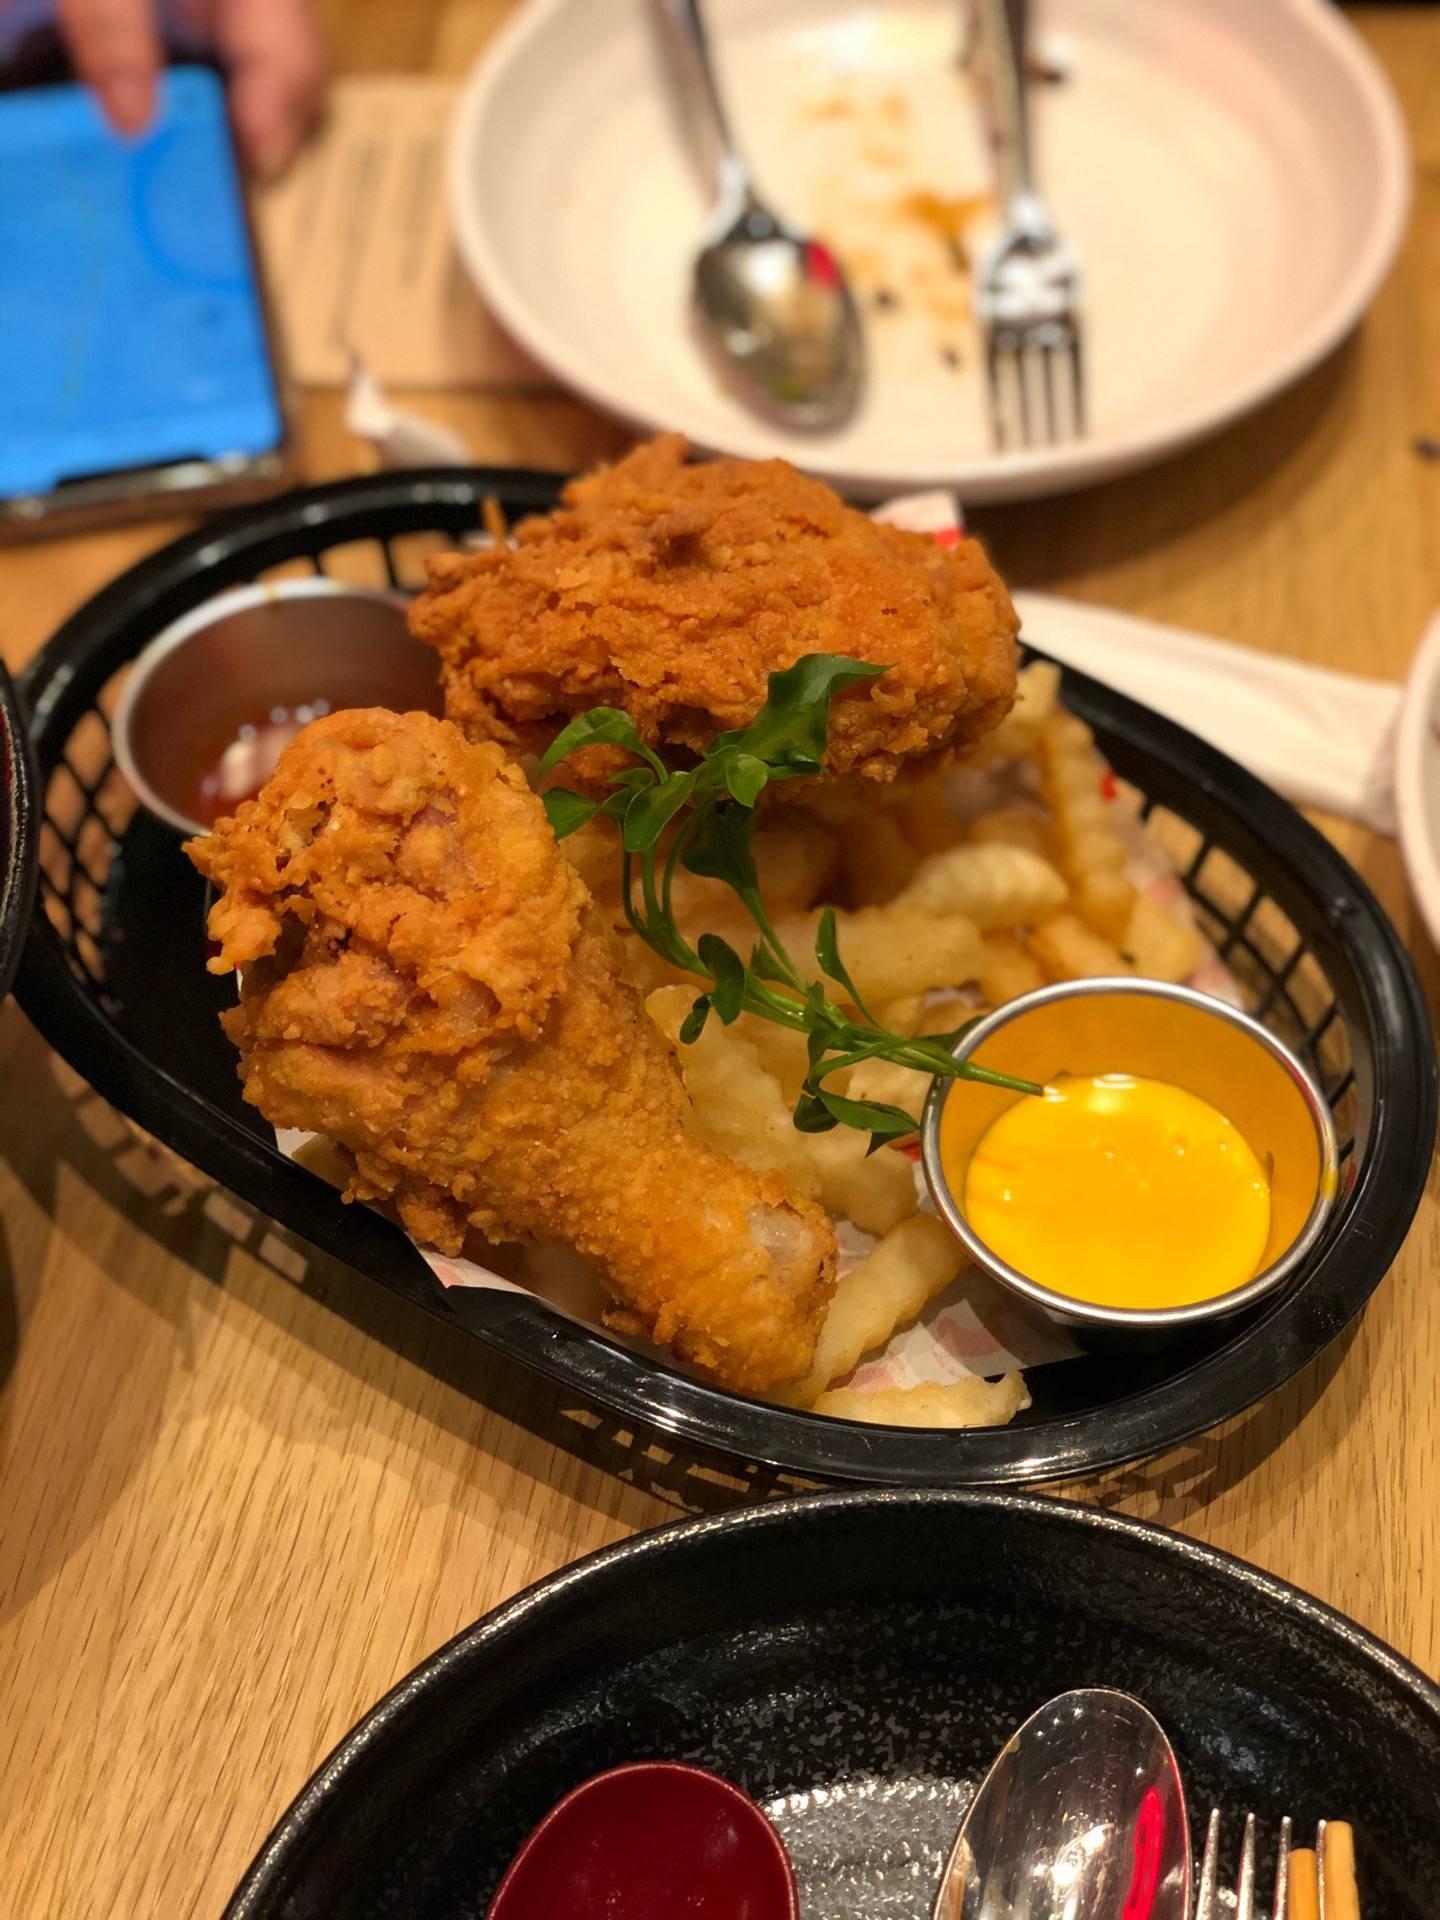 ซอสทรัฟเฟิลขีสคืออร่อยเหาะ ไก่ก็มาร้อนๆเลย ซอสบาร์บีคิวก็เผ็ดร้อนเกาหลีซารังเฮ